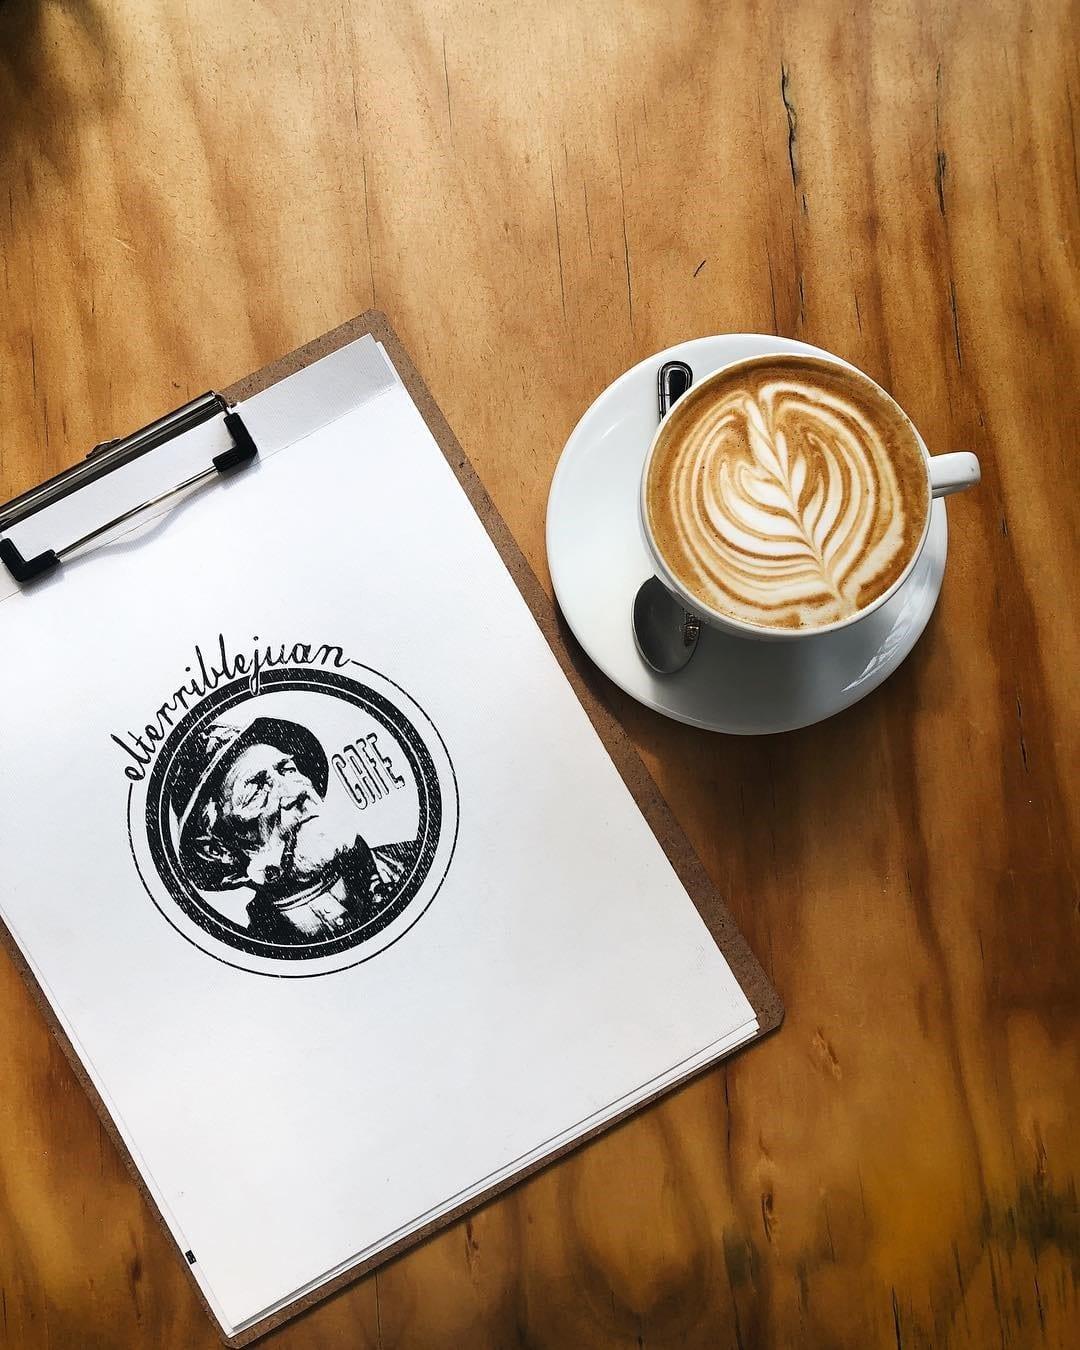 el menu de una cafeteria junto a un cappuccino